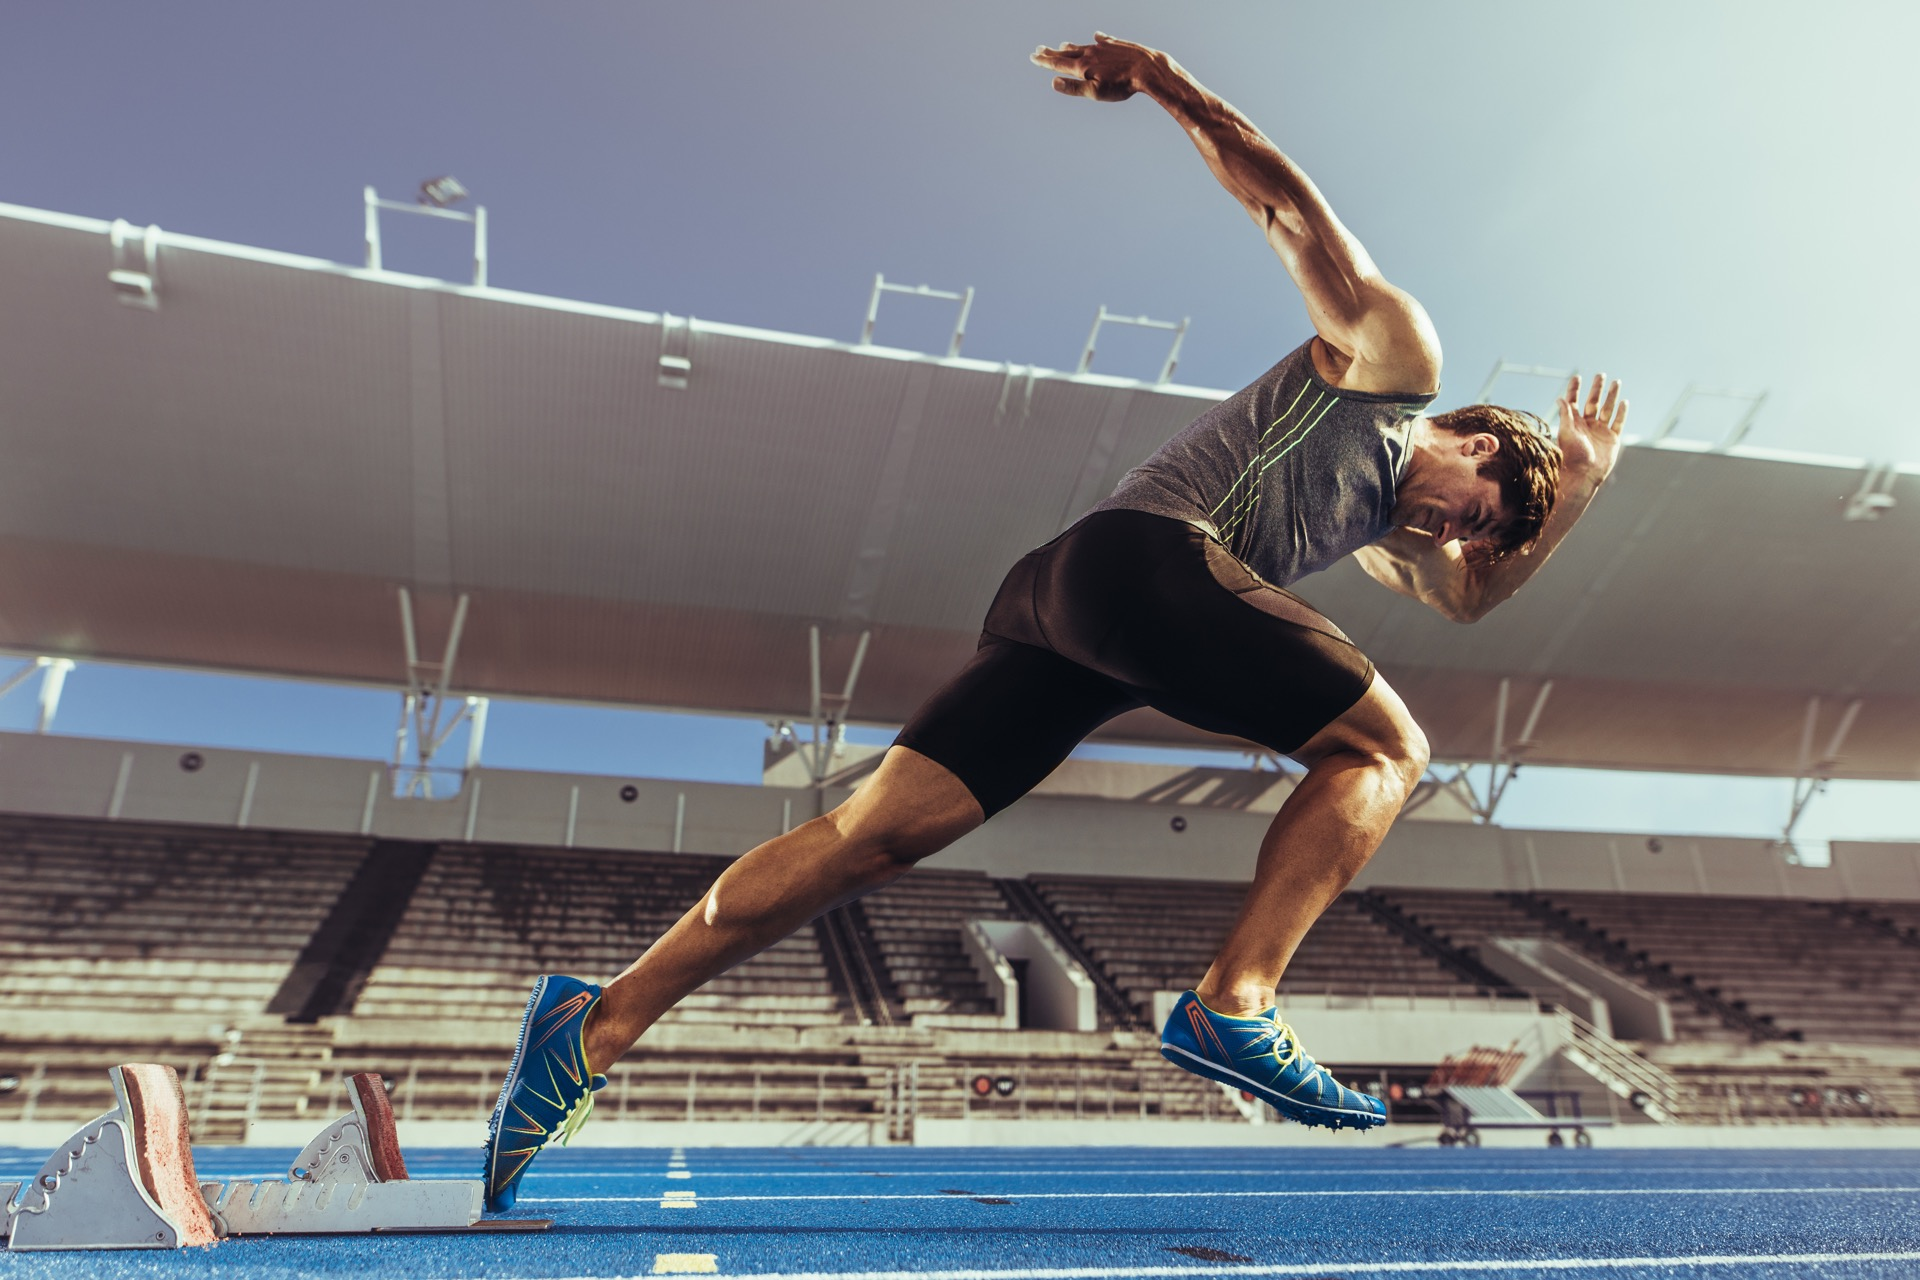 tredemølle sprint